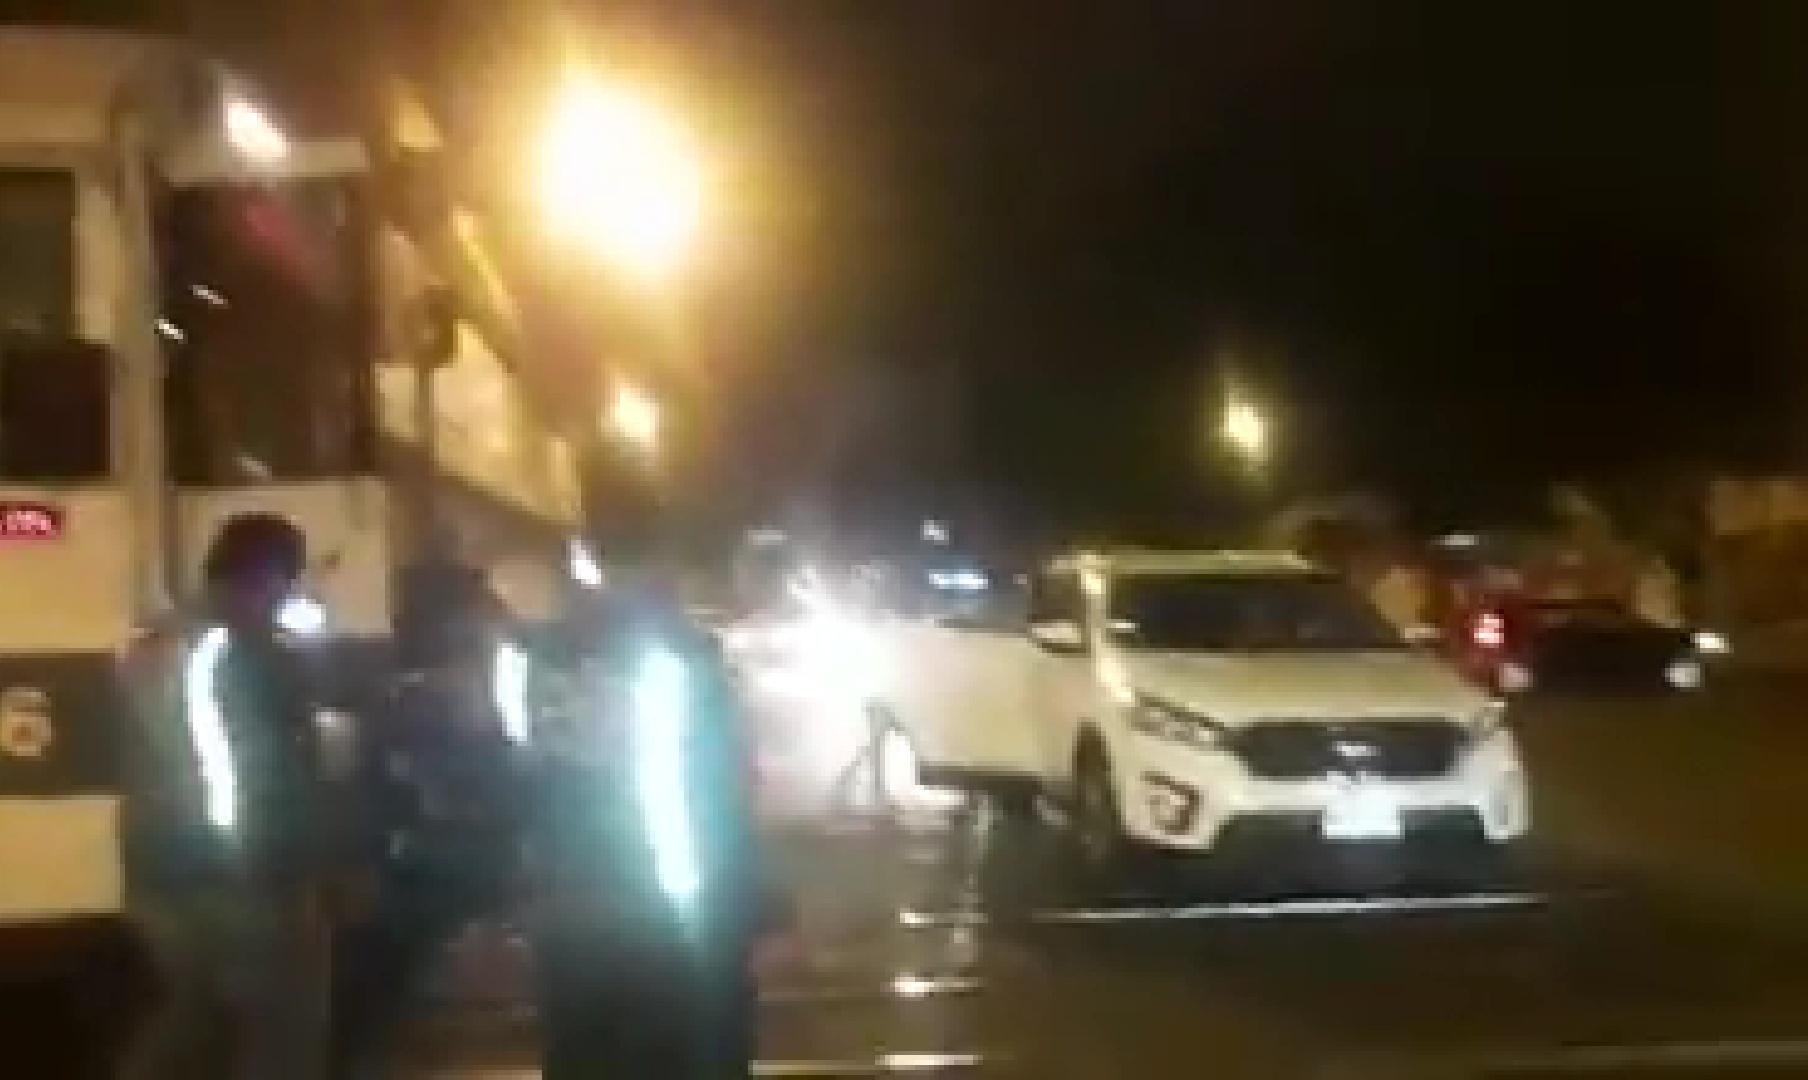 Ocupantes de vehículo envueltos en pánico escapan de ser colisionados por el tren (Video)